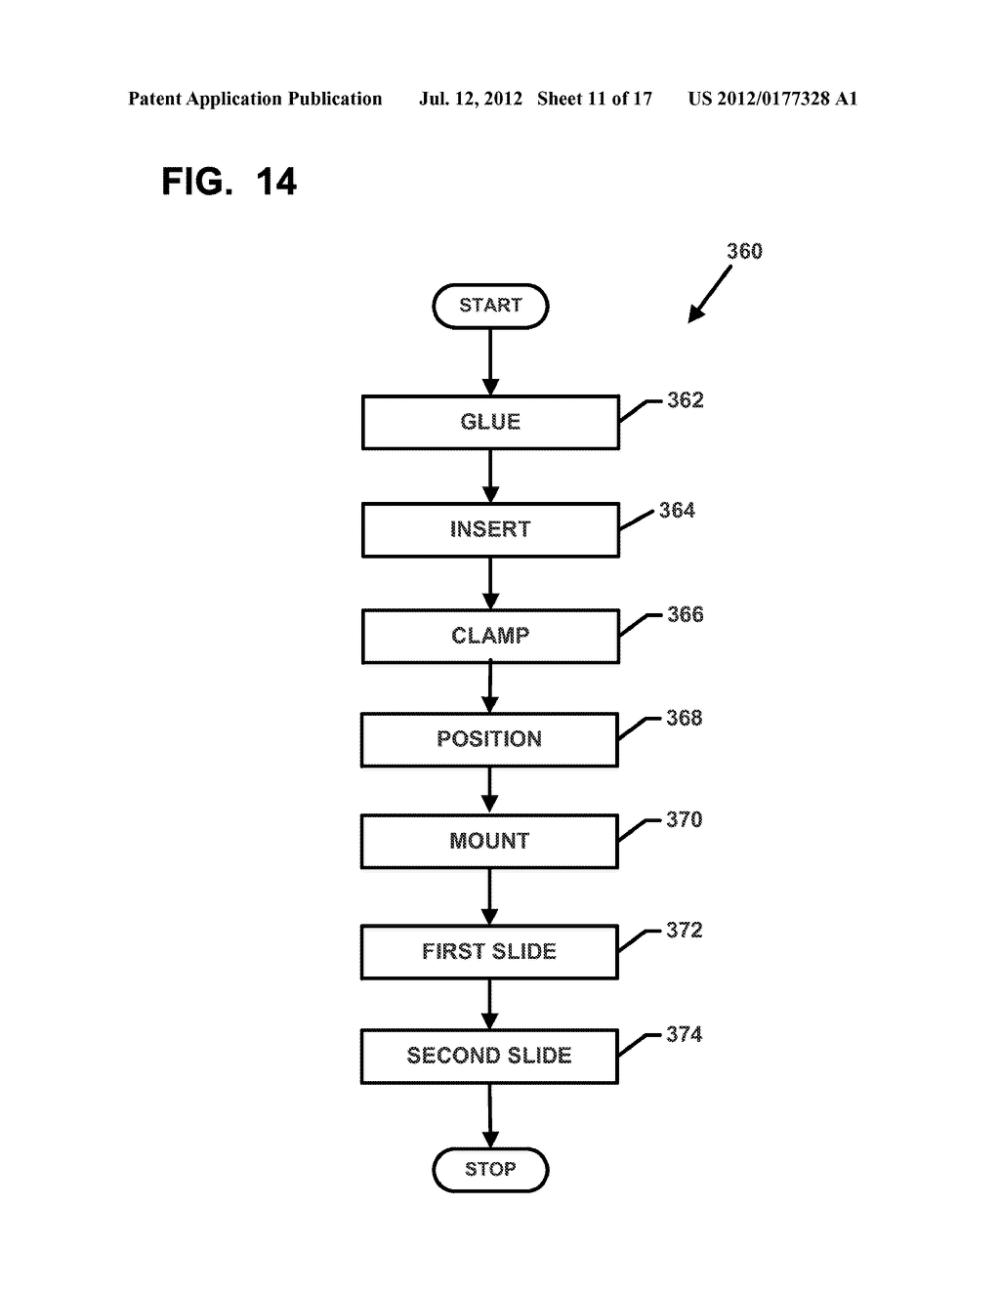 medium resolution of splice enclosure arrangement for fiber optic cables diagram schematic and image 12